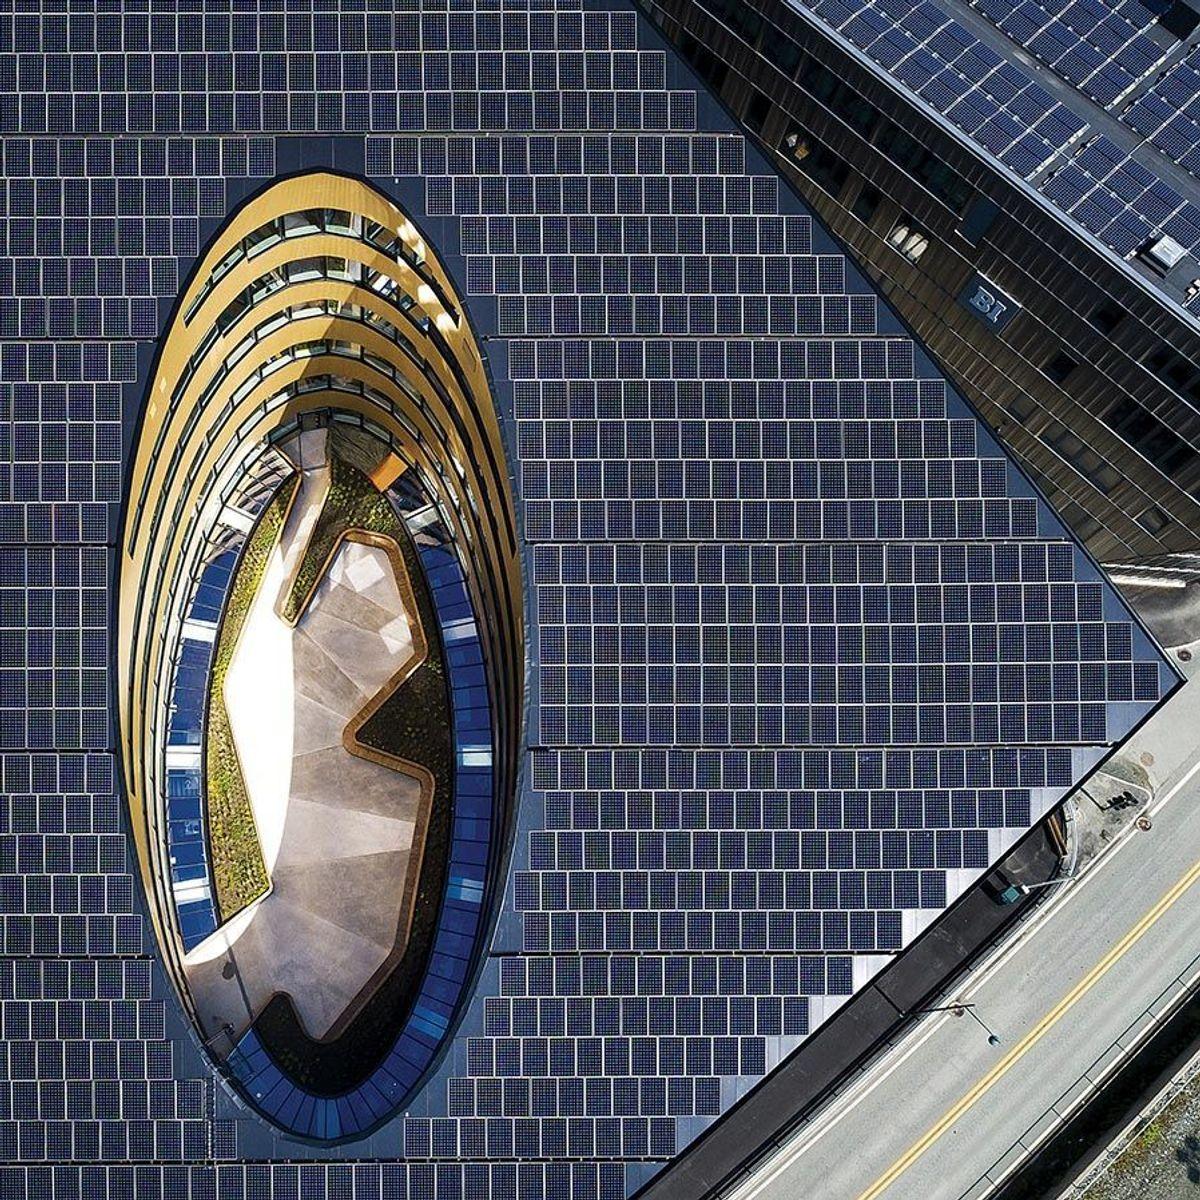 Taket på Powerhouse Brattørkaia er dekket med totalt 1.886 kvadratmeter solcellepaneler i en vinkel på 20 grader mot sør. Foto: Snøhetta